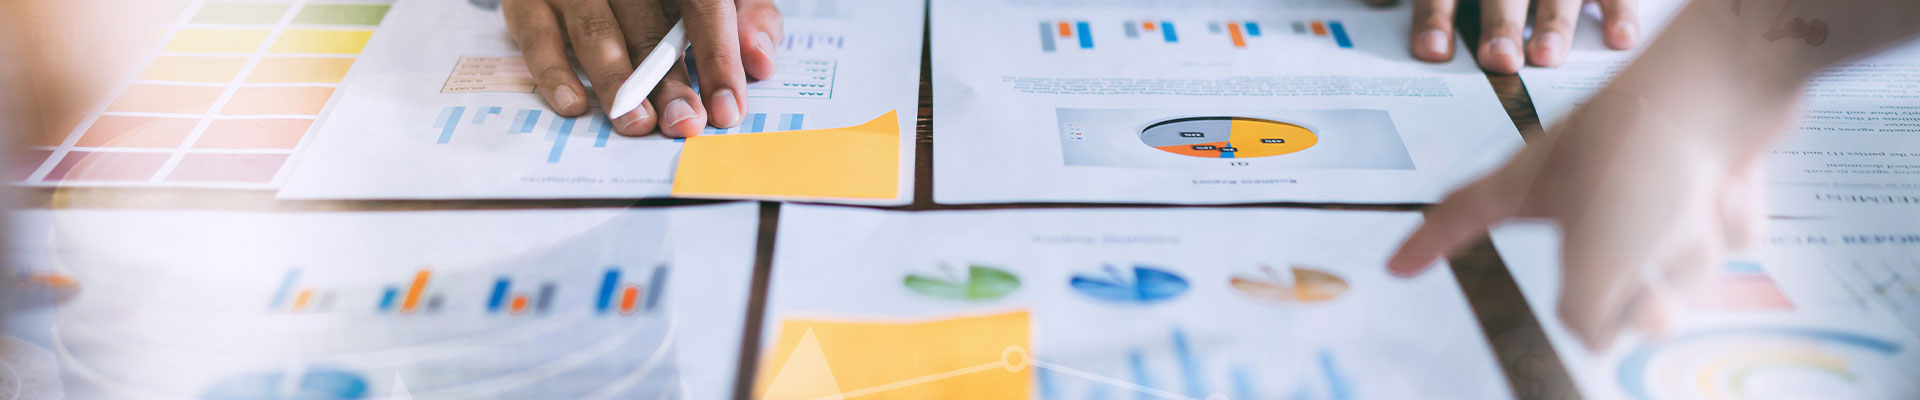 data-strategy-process